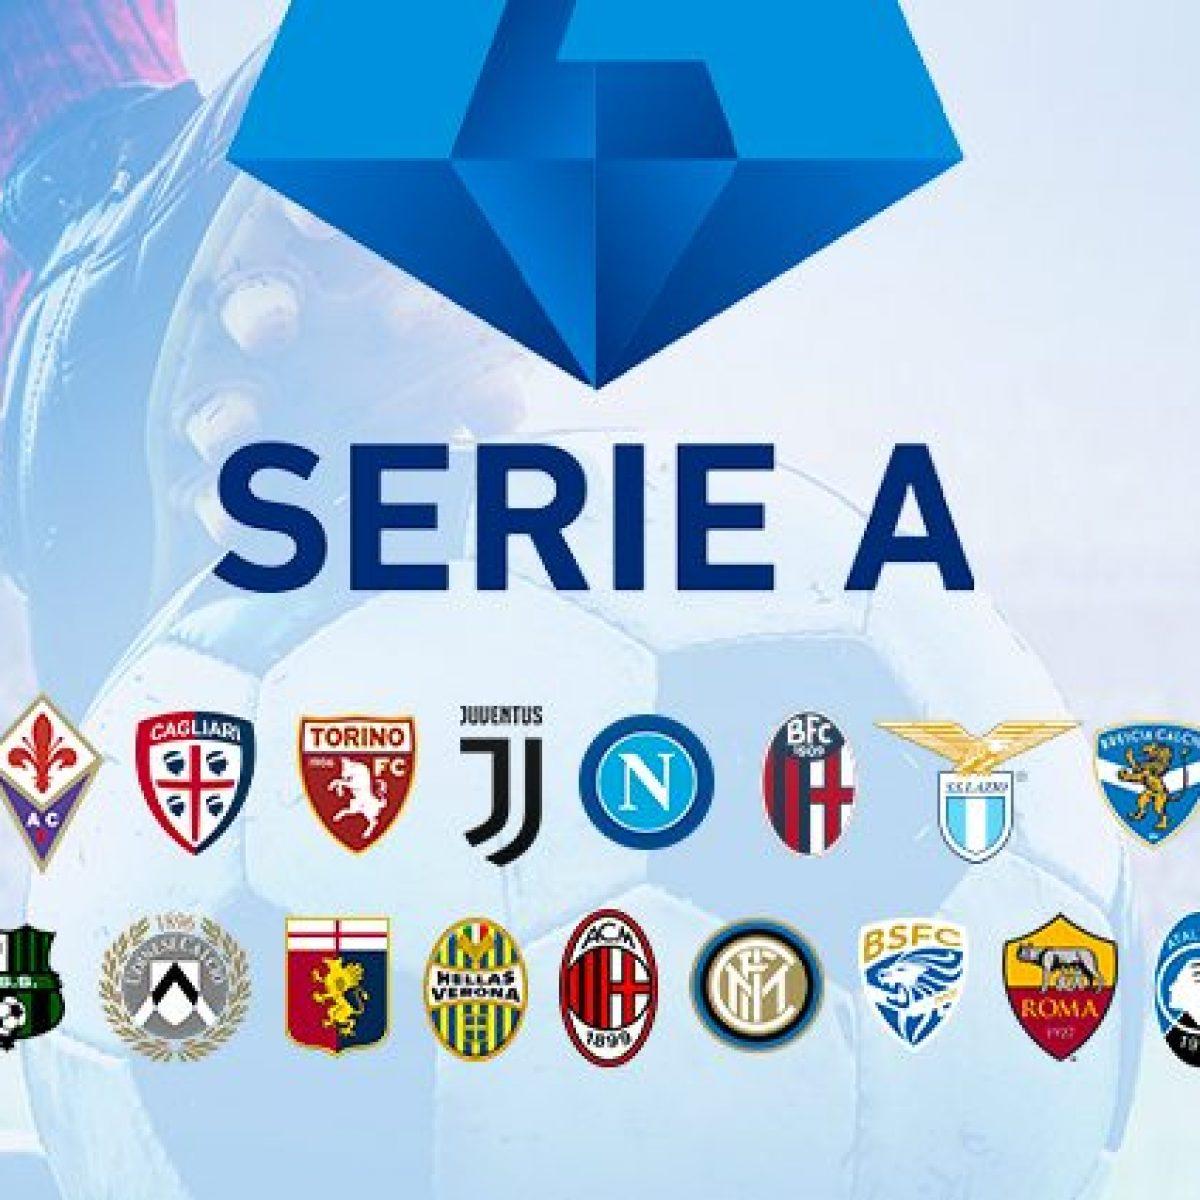 Calendario Serie B 2020 15.Il Calendario Completo Della Serie A 2019 2020 Calcio Fanpage